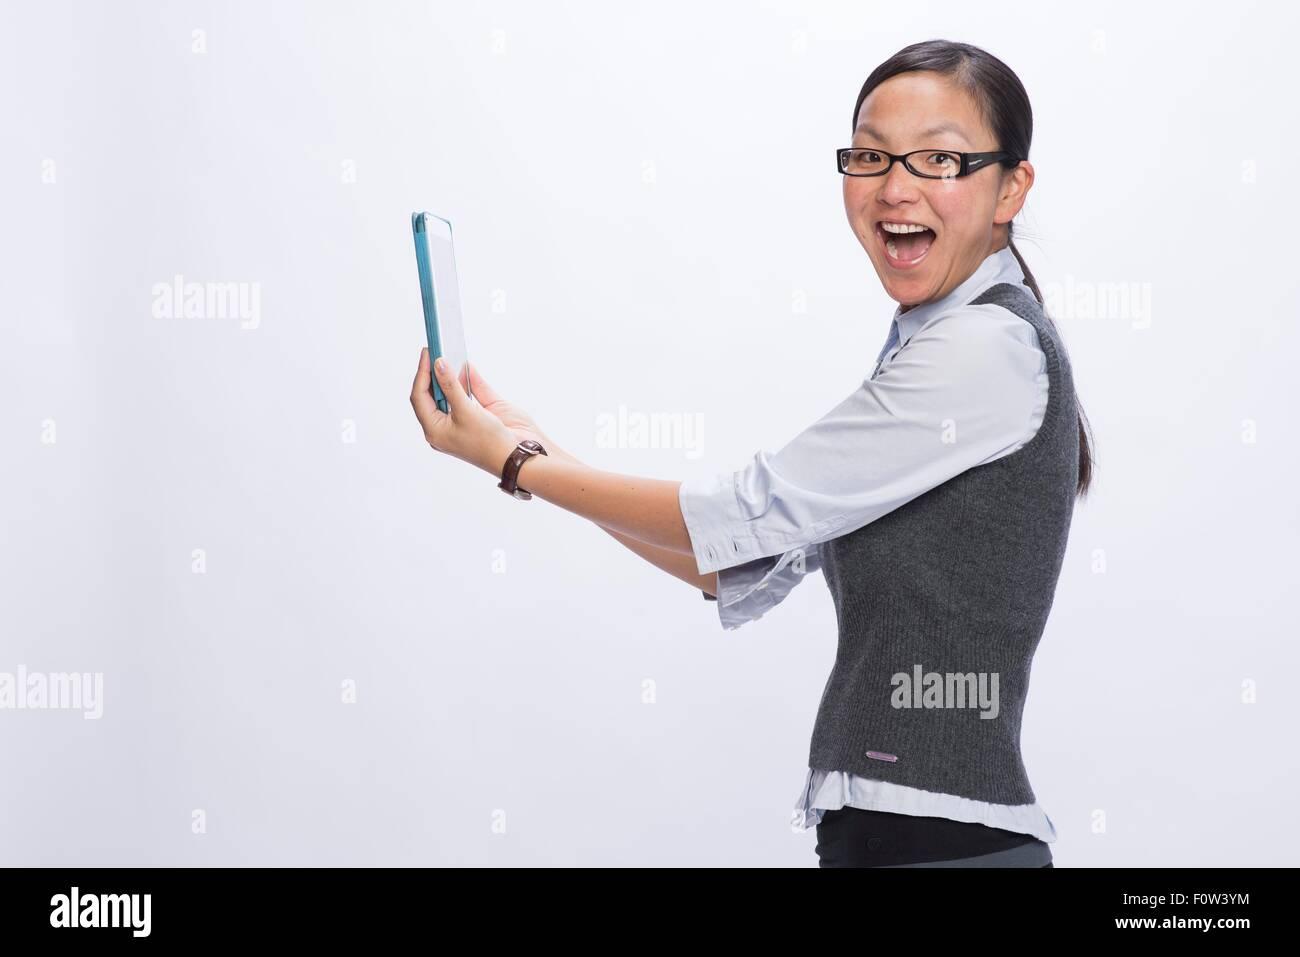 Geschäftsfrau hält digital-Tablette auf Armlänge Stockbild